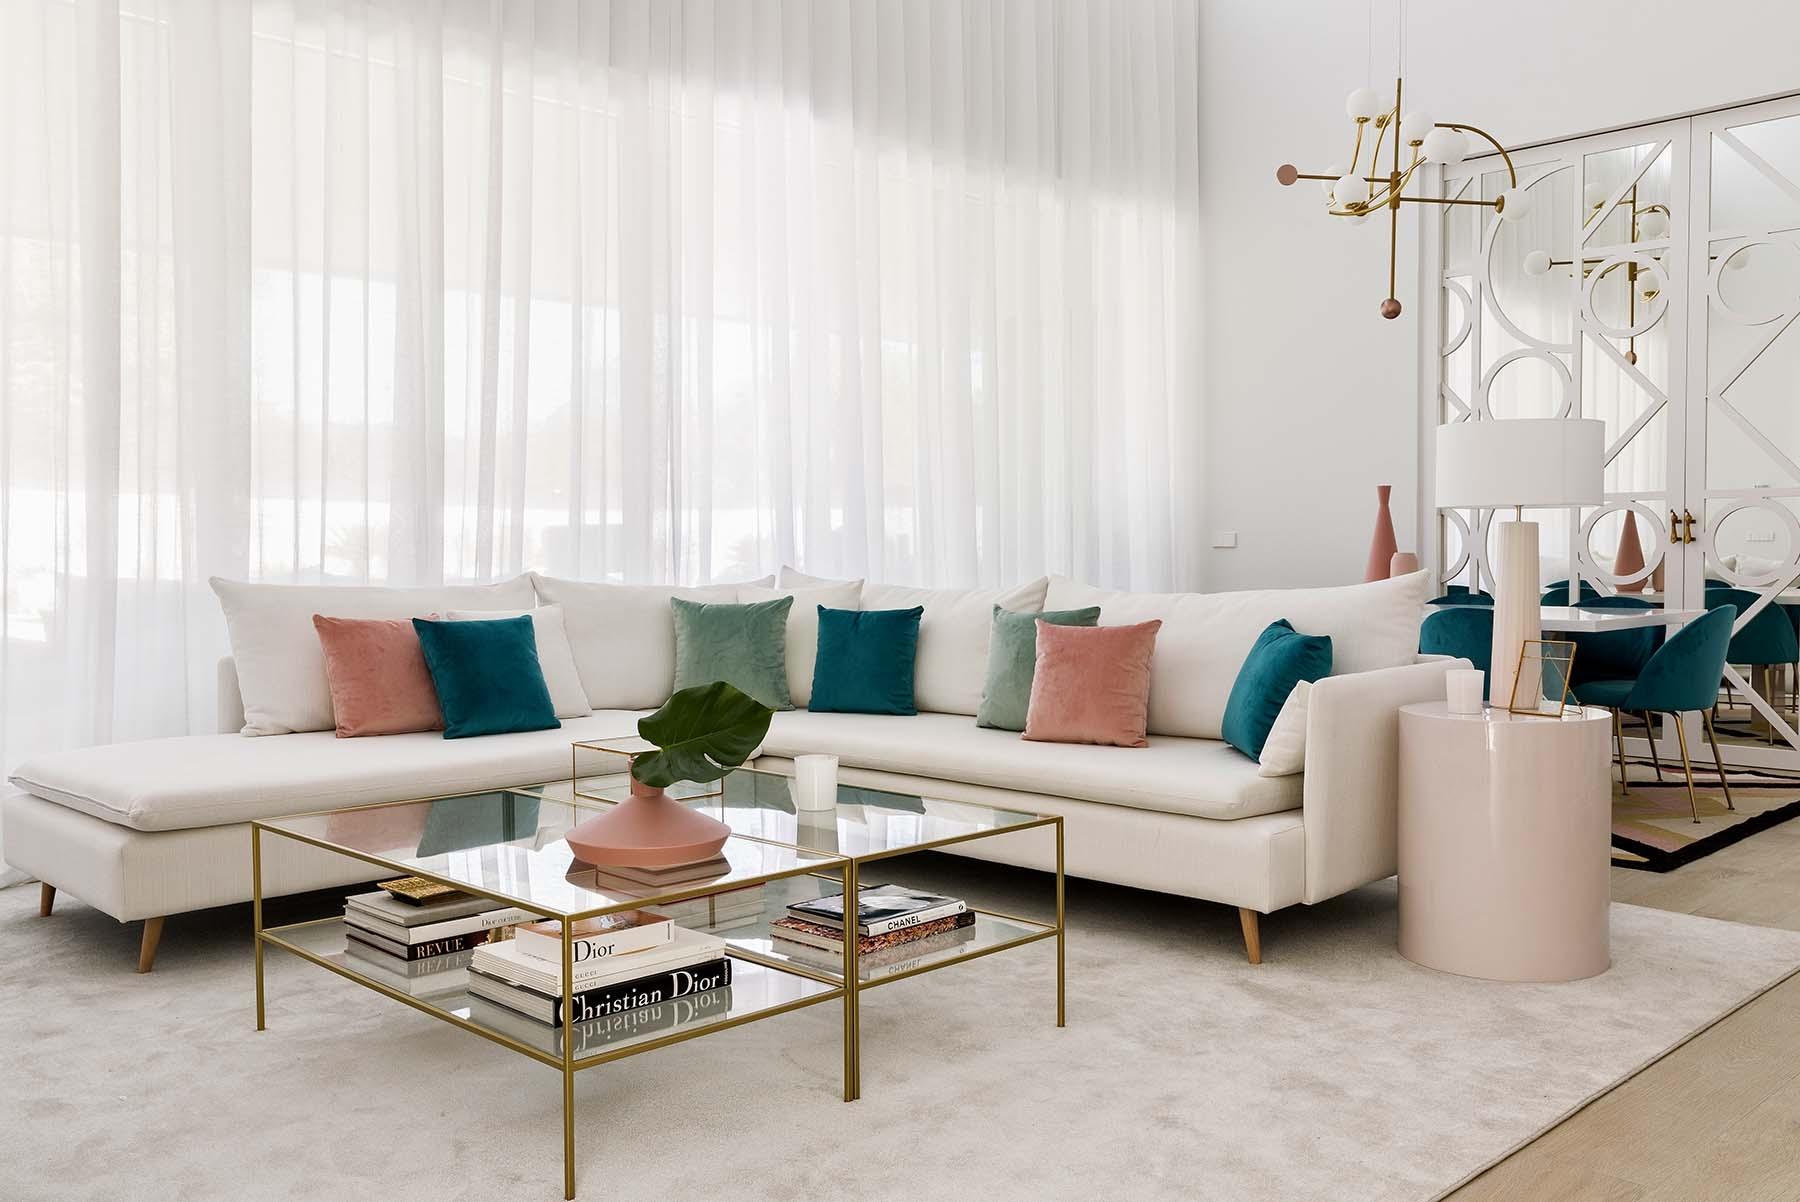 Kenay Home nos presenta uno de sus proyectos más sofisticados y coloridos. Color, texturas y geometr